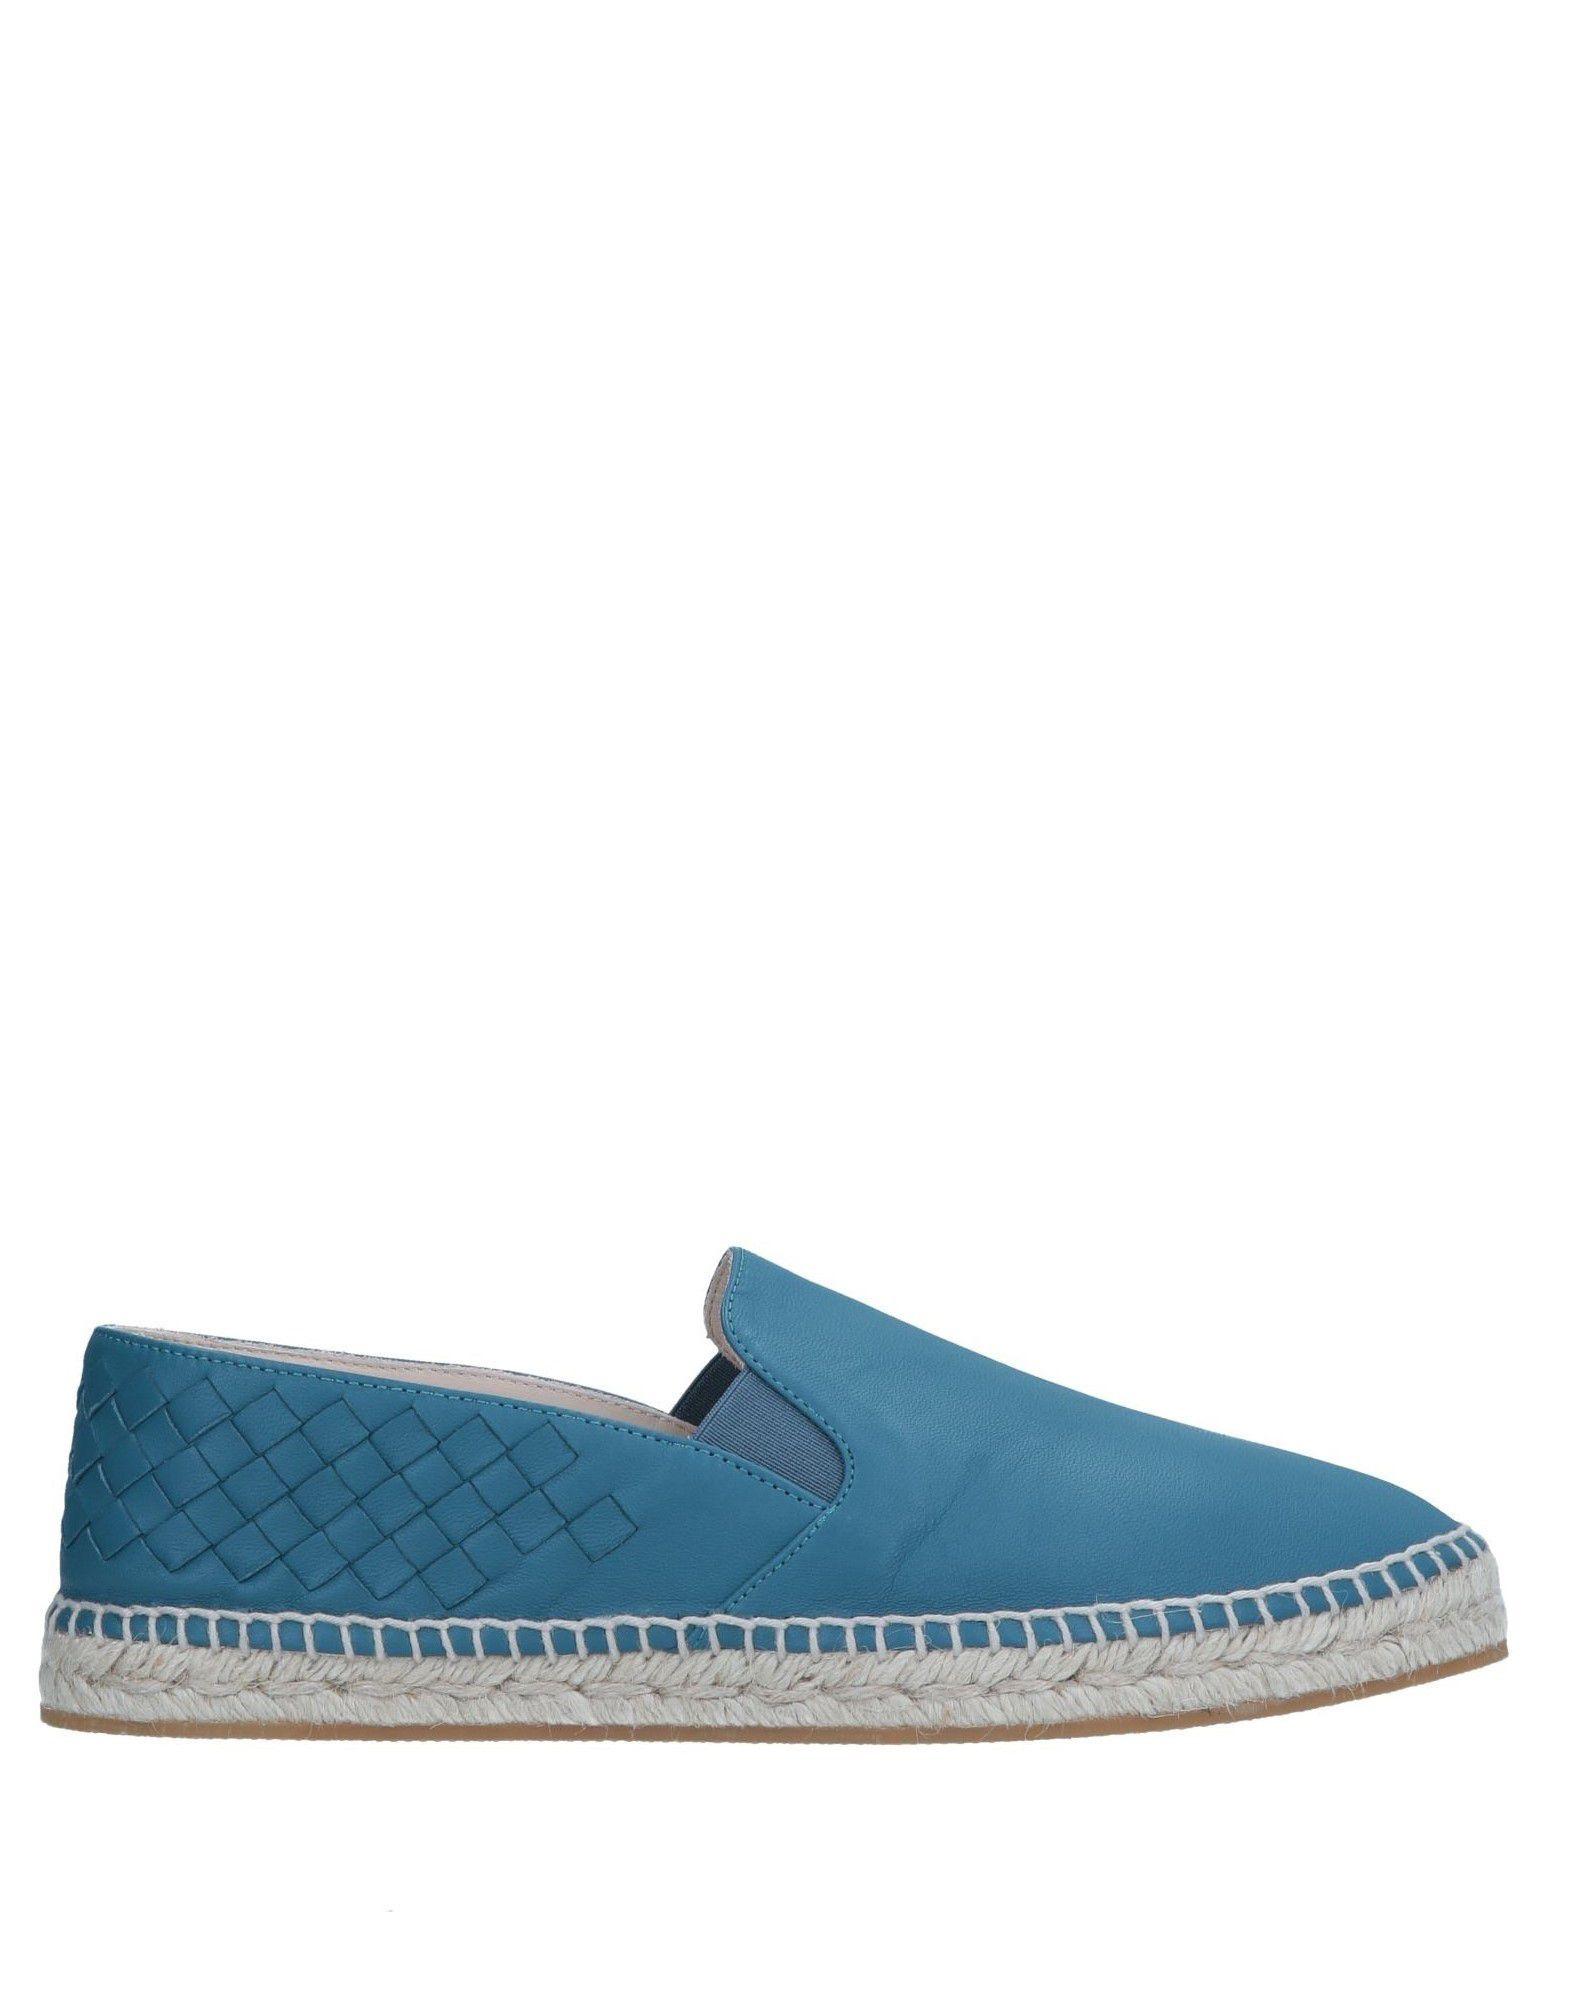 Rabatt Schuhe Bottega Veneta Espadrilles Damen  11362367TH